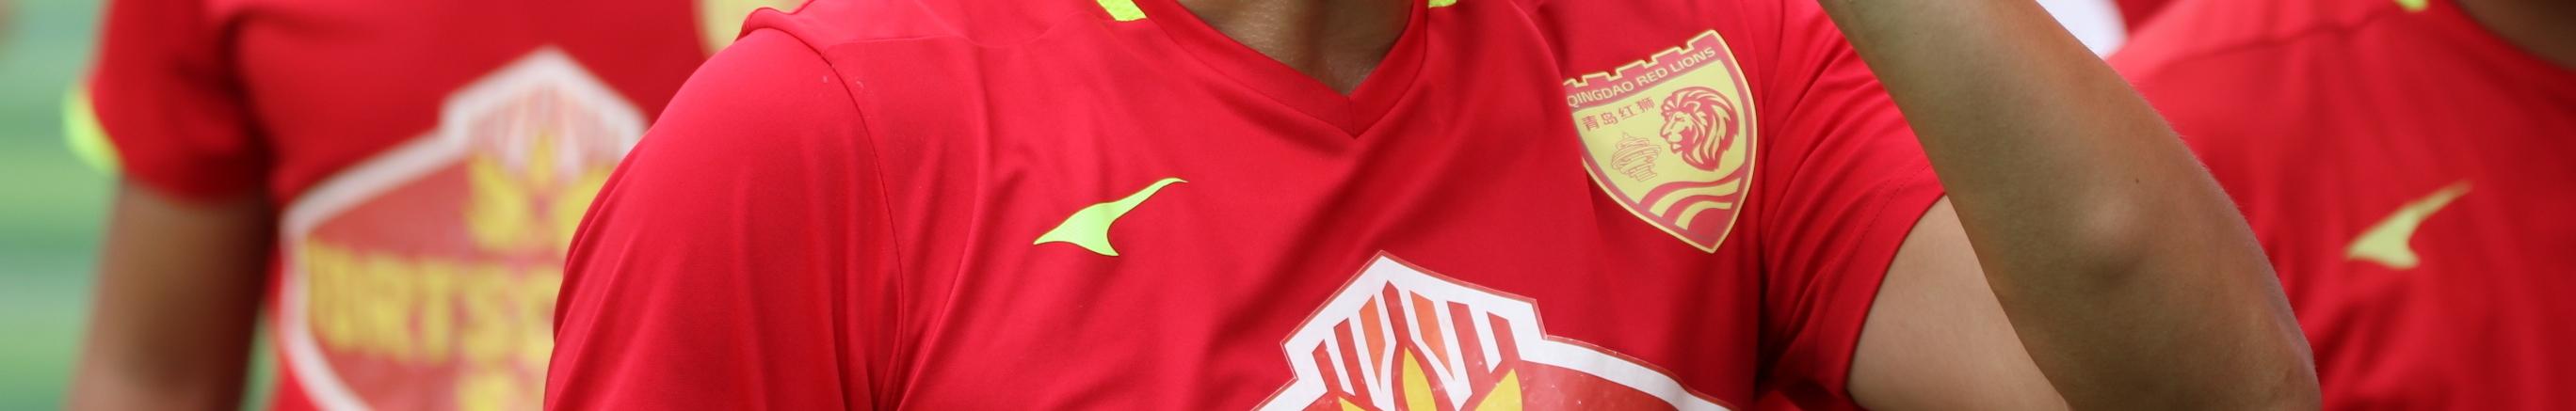 青岛红狮足球俱乐部-QRLFC banner